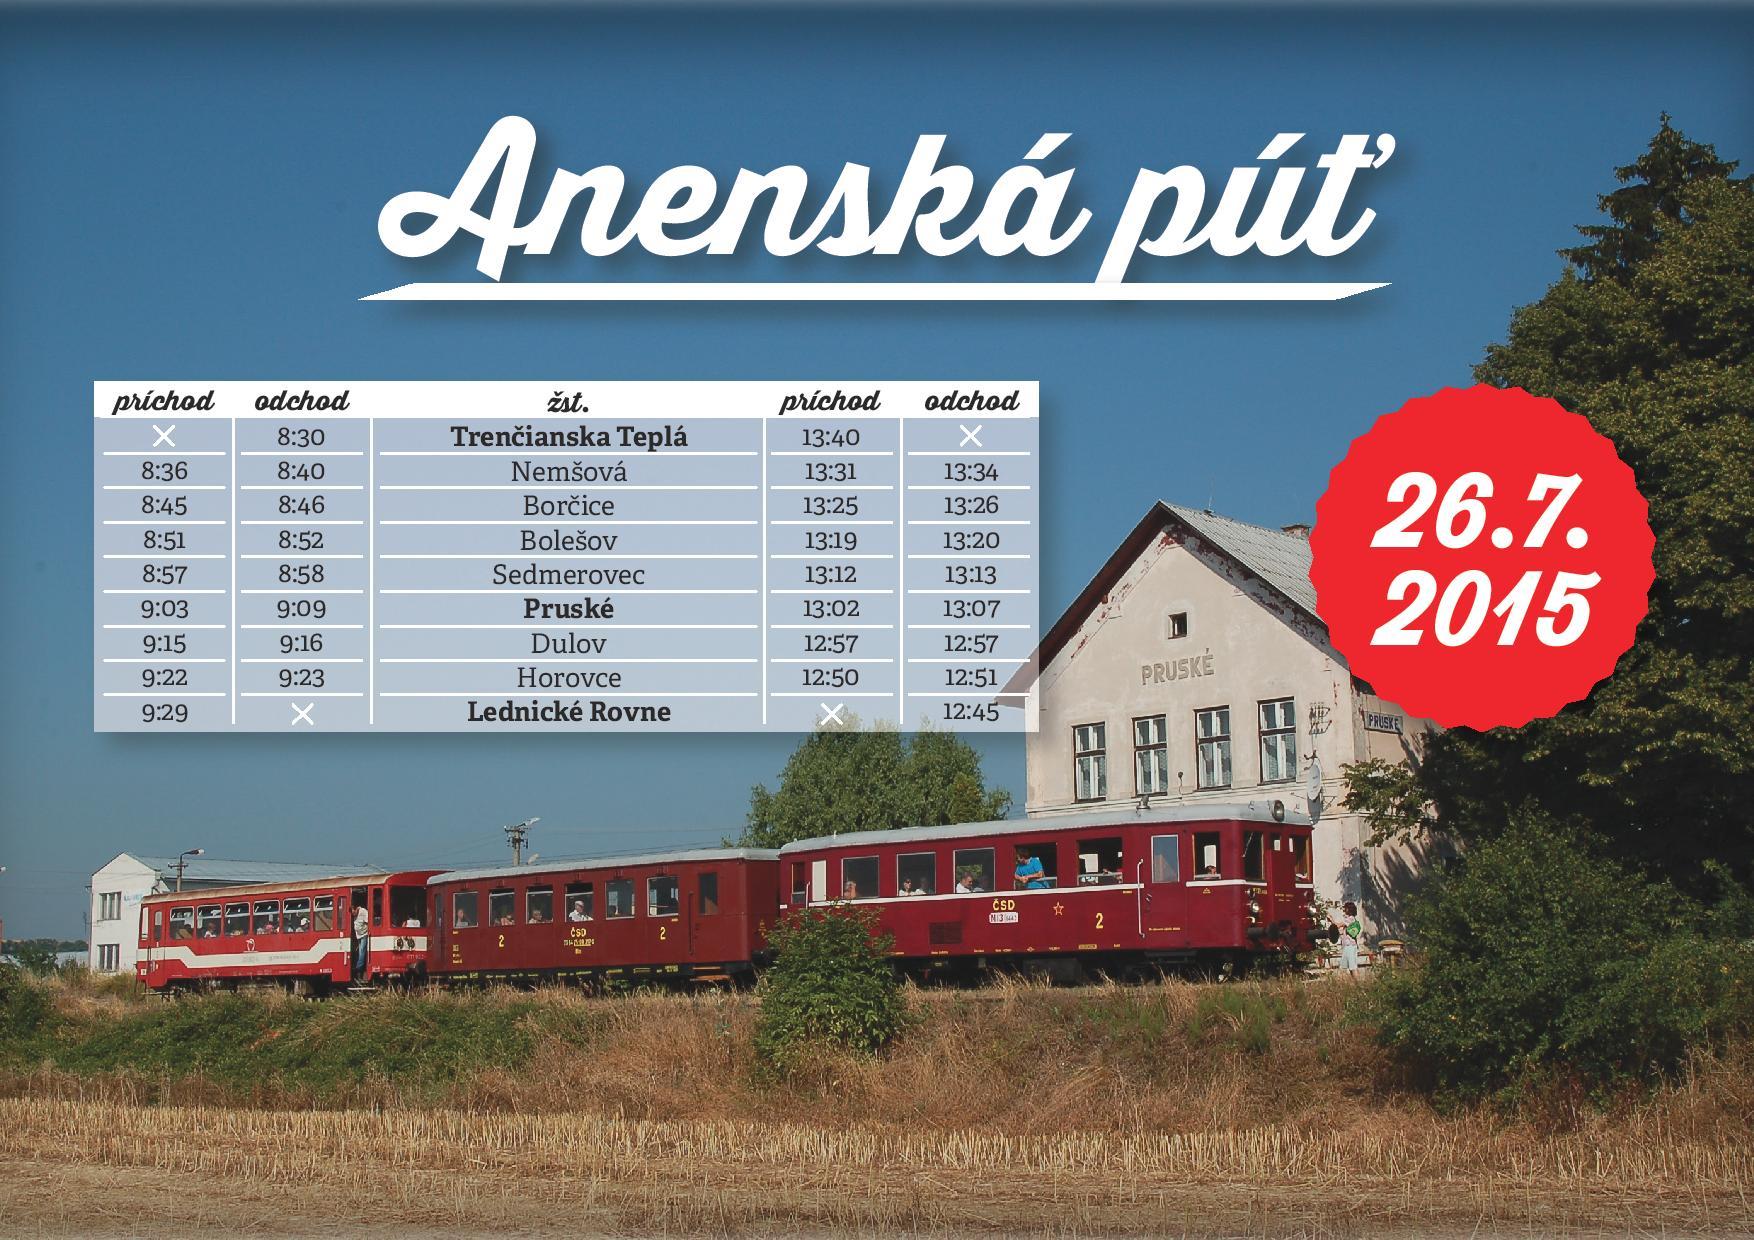 plagat-anenska-put-2015